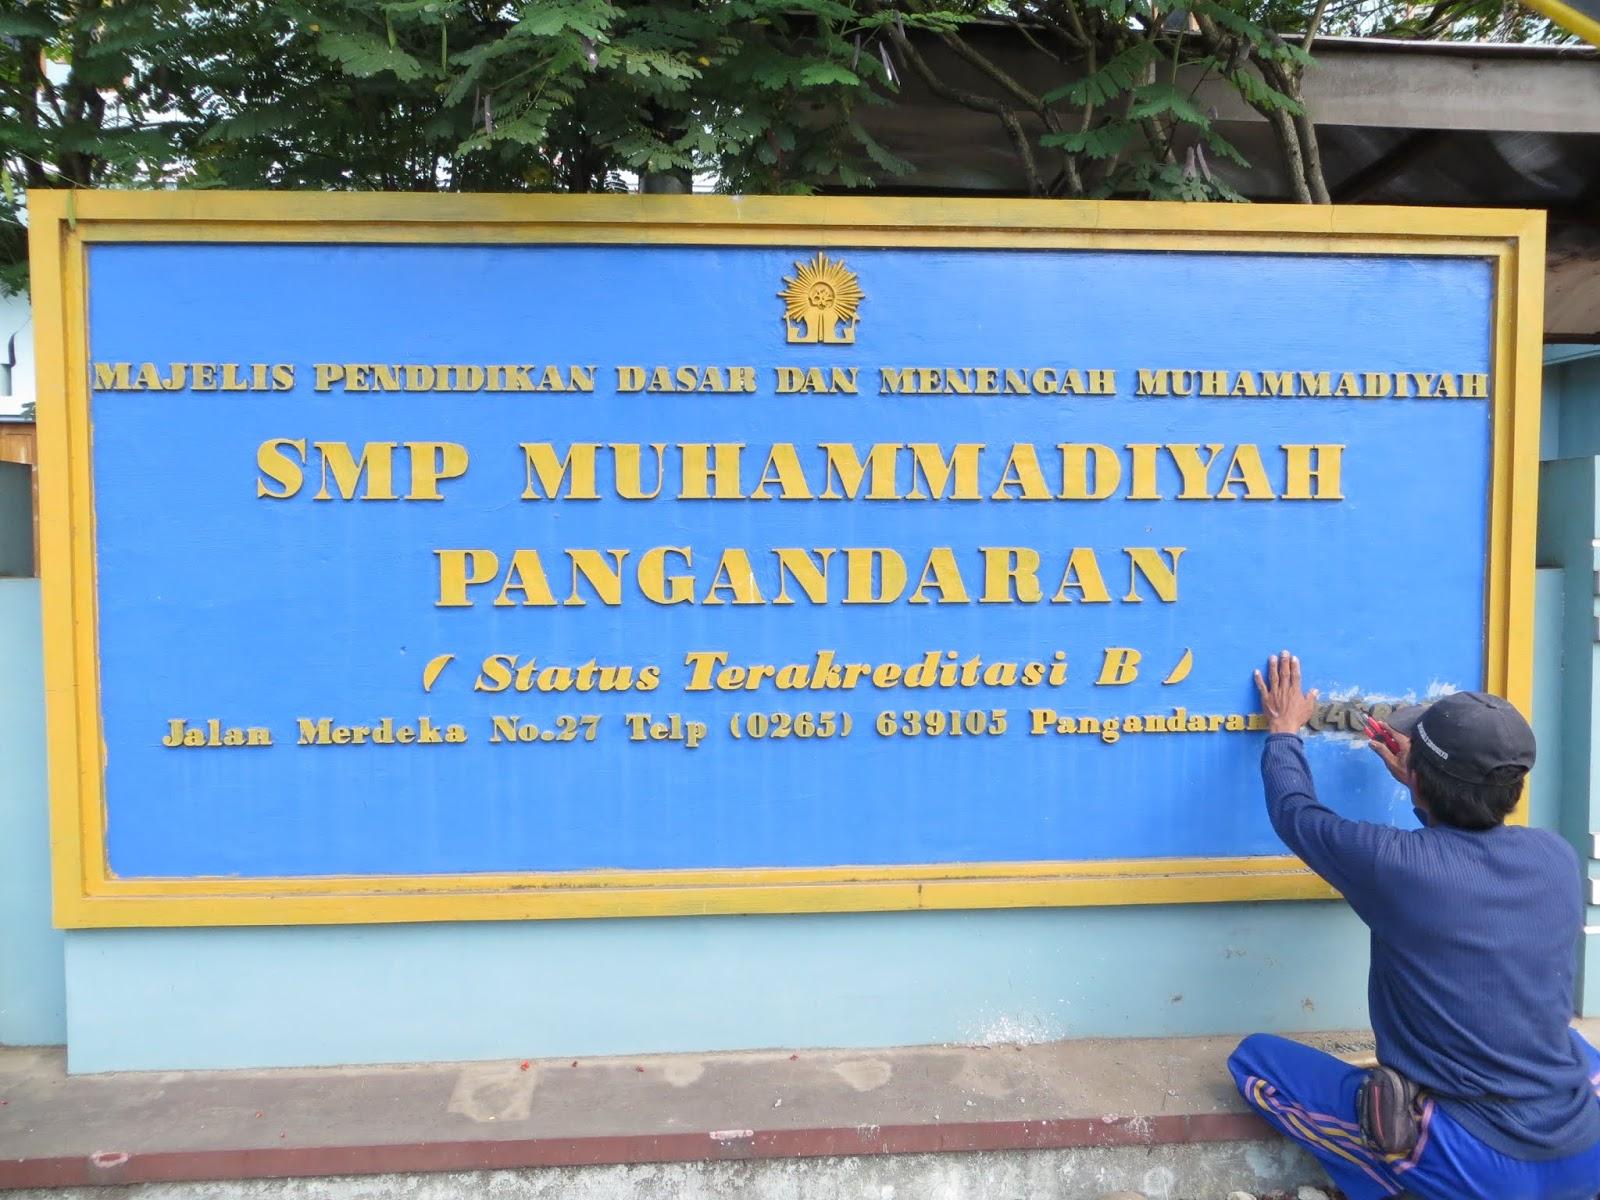 Muhammadiyah salah satu ormas yang fokus bidang pendidikan